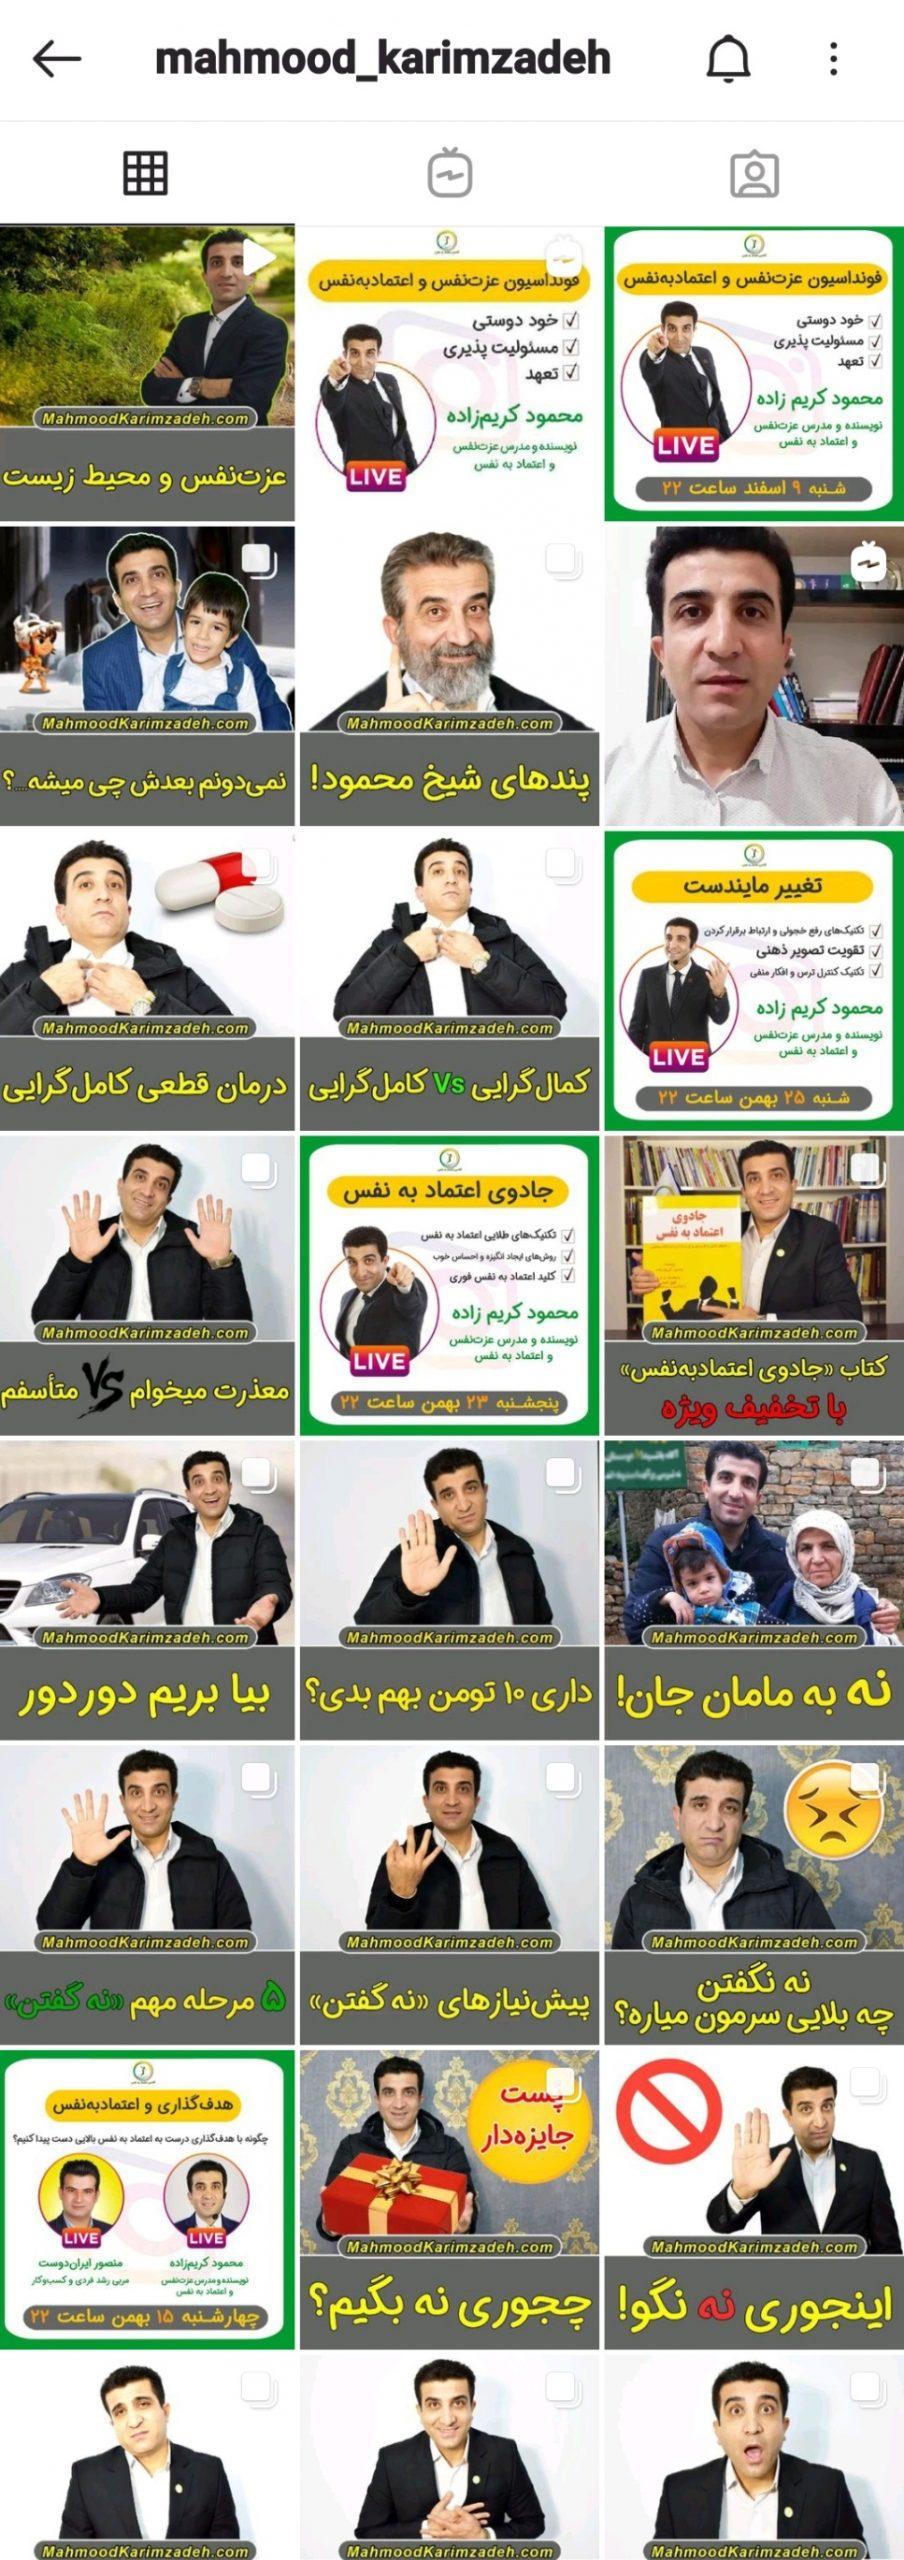 صفخه اینستاگرام محمودو م